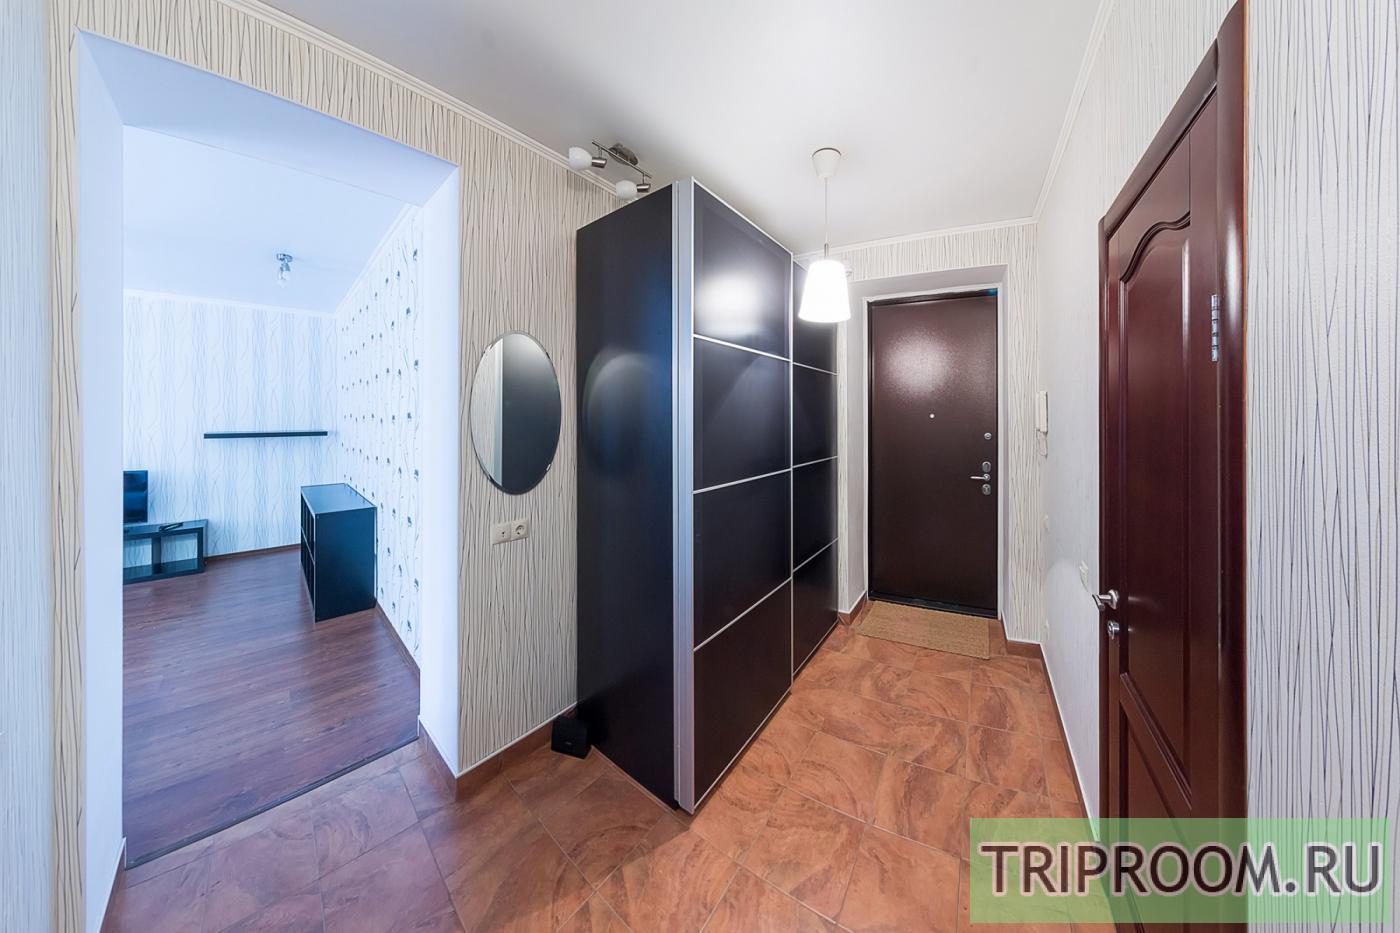 1-комнатная квартира посуточно (вариант № 33969), ул. Серафимовича улица, фото № 4